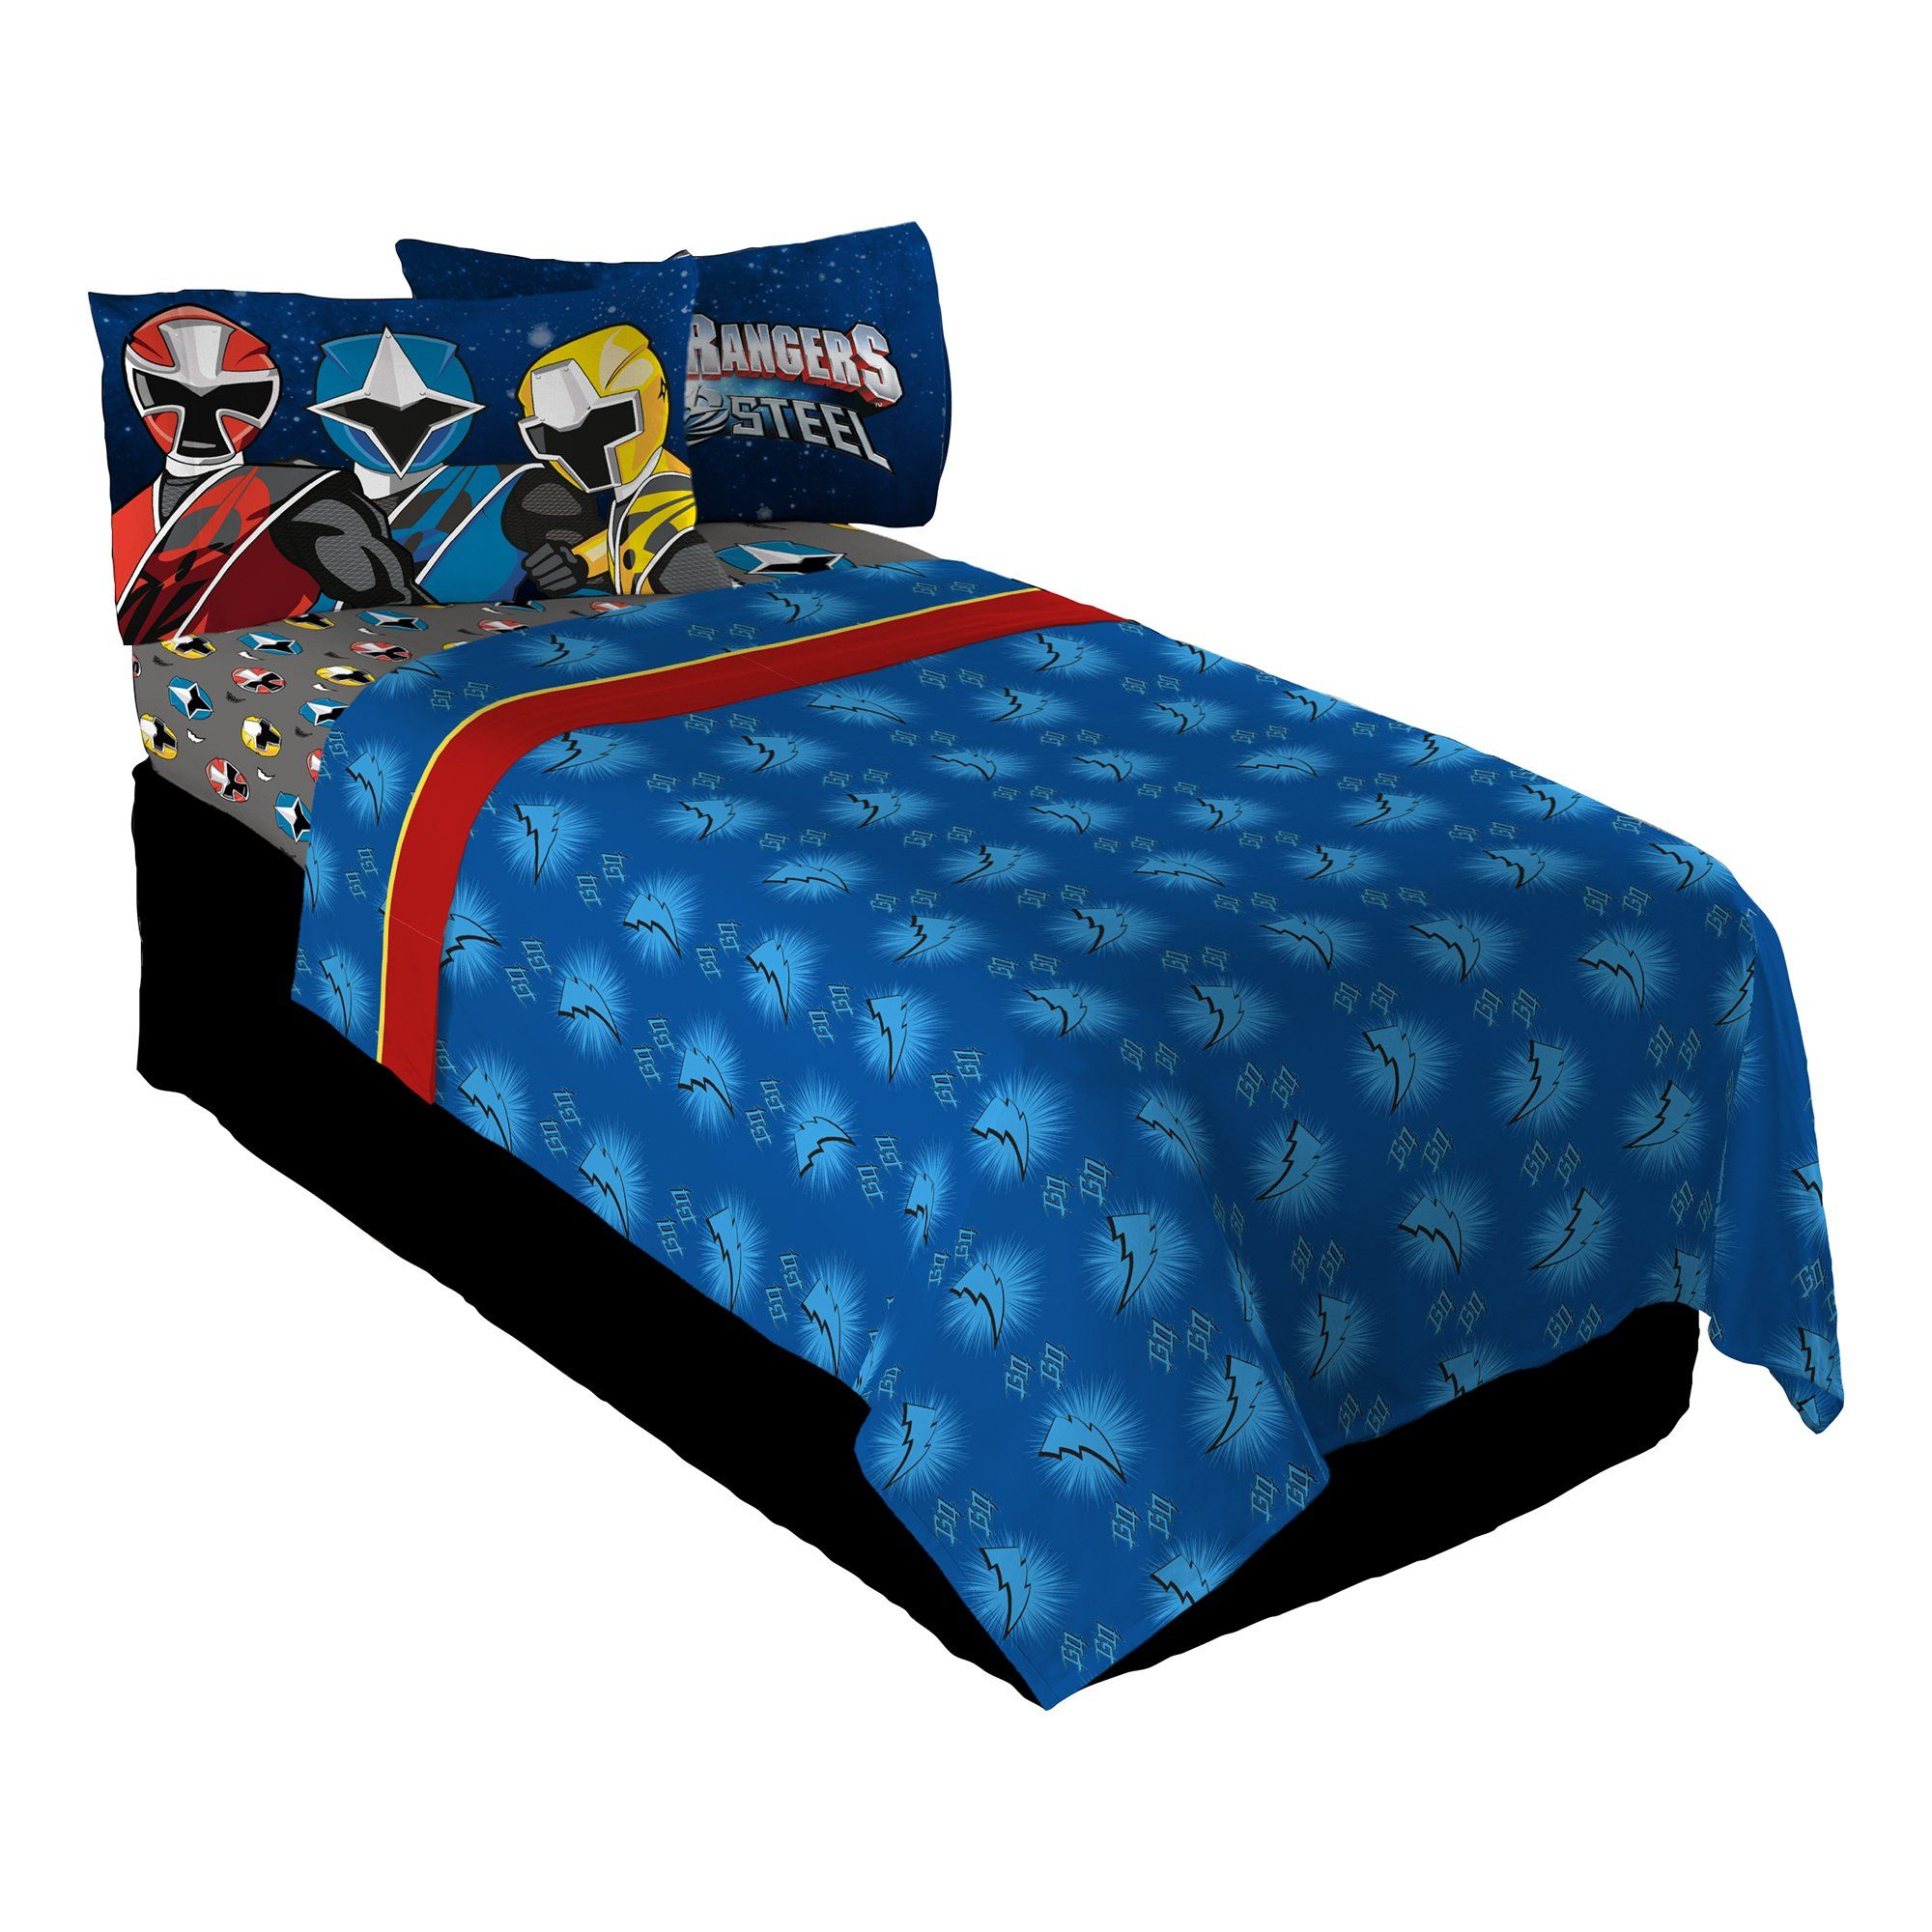 Megaforce Power Rangers Single Duvet Cover Quilt Cover Bedding Set